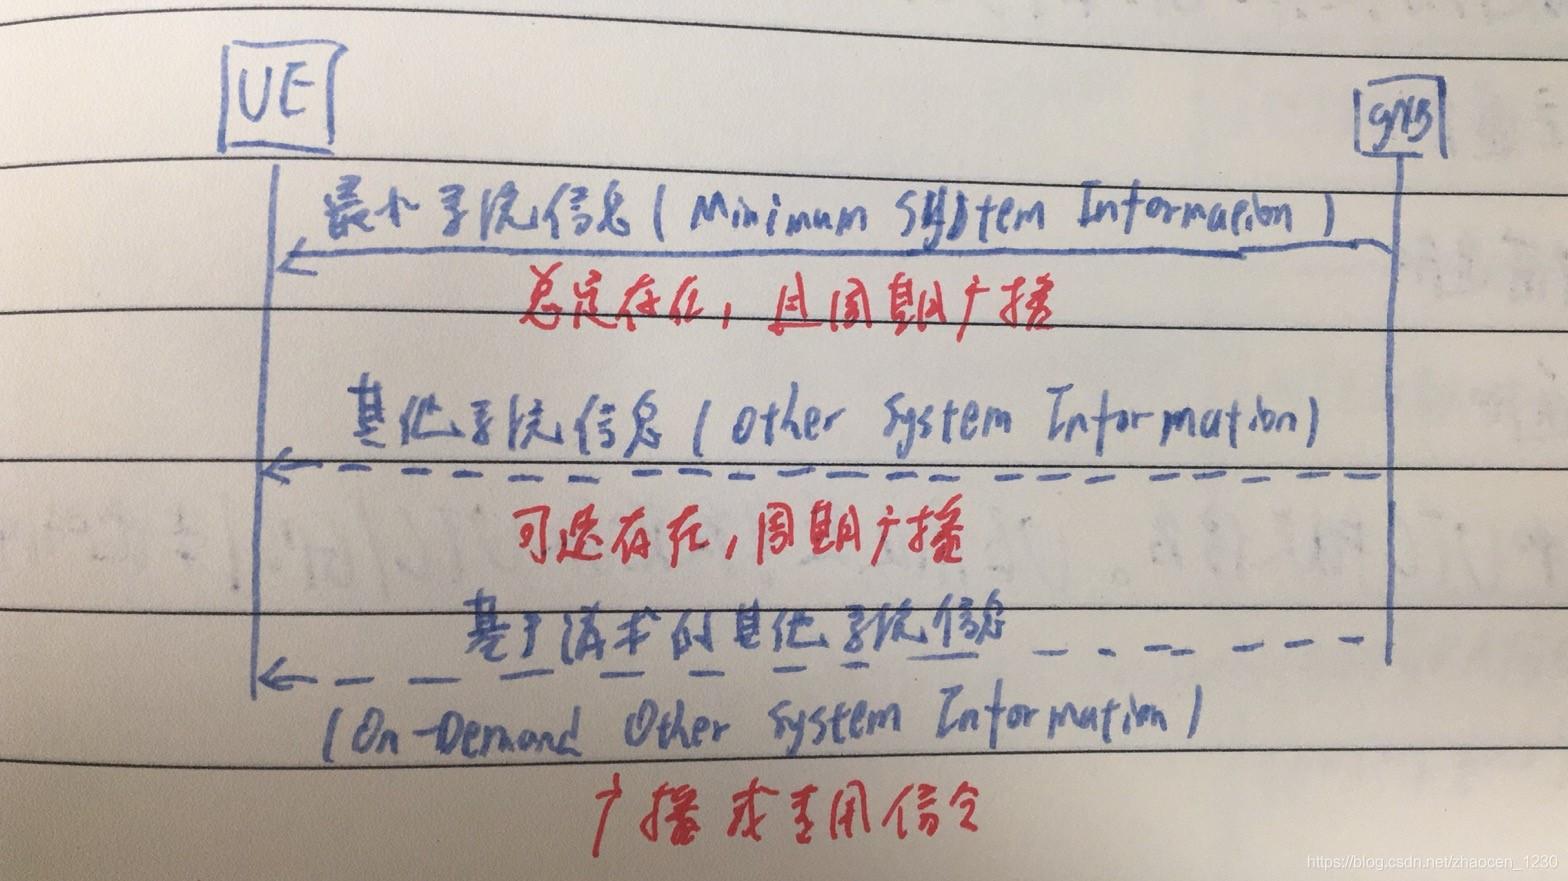 5G基础信令5gzhaocen1230的博客-